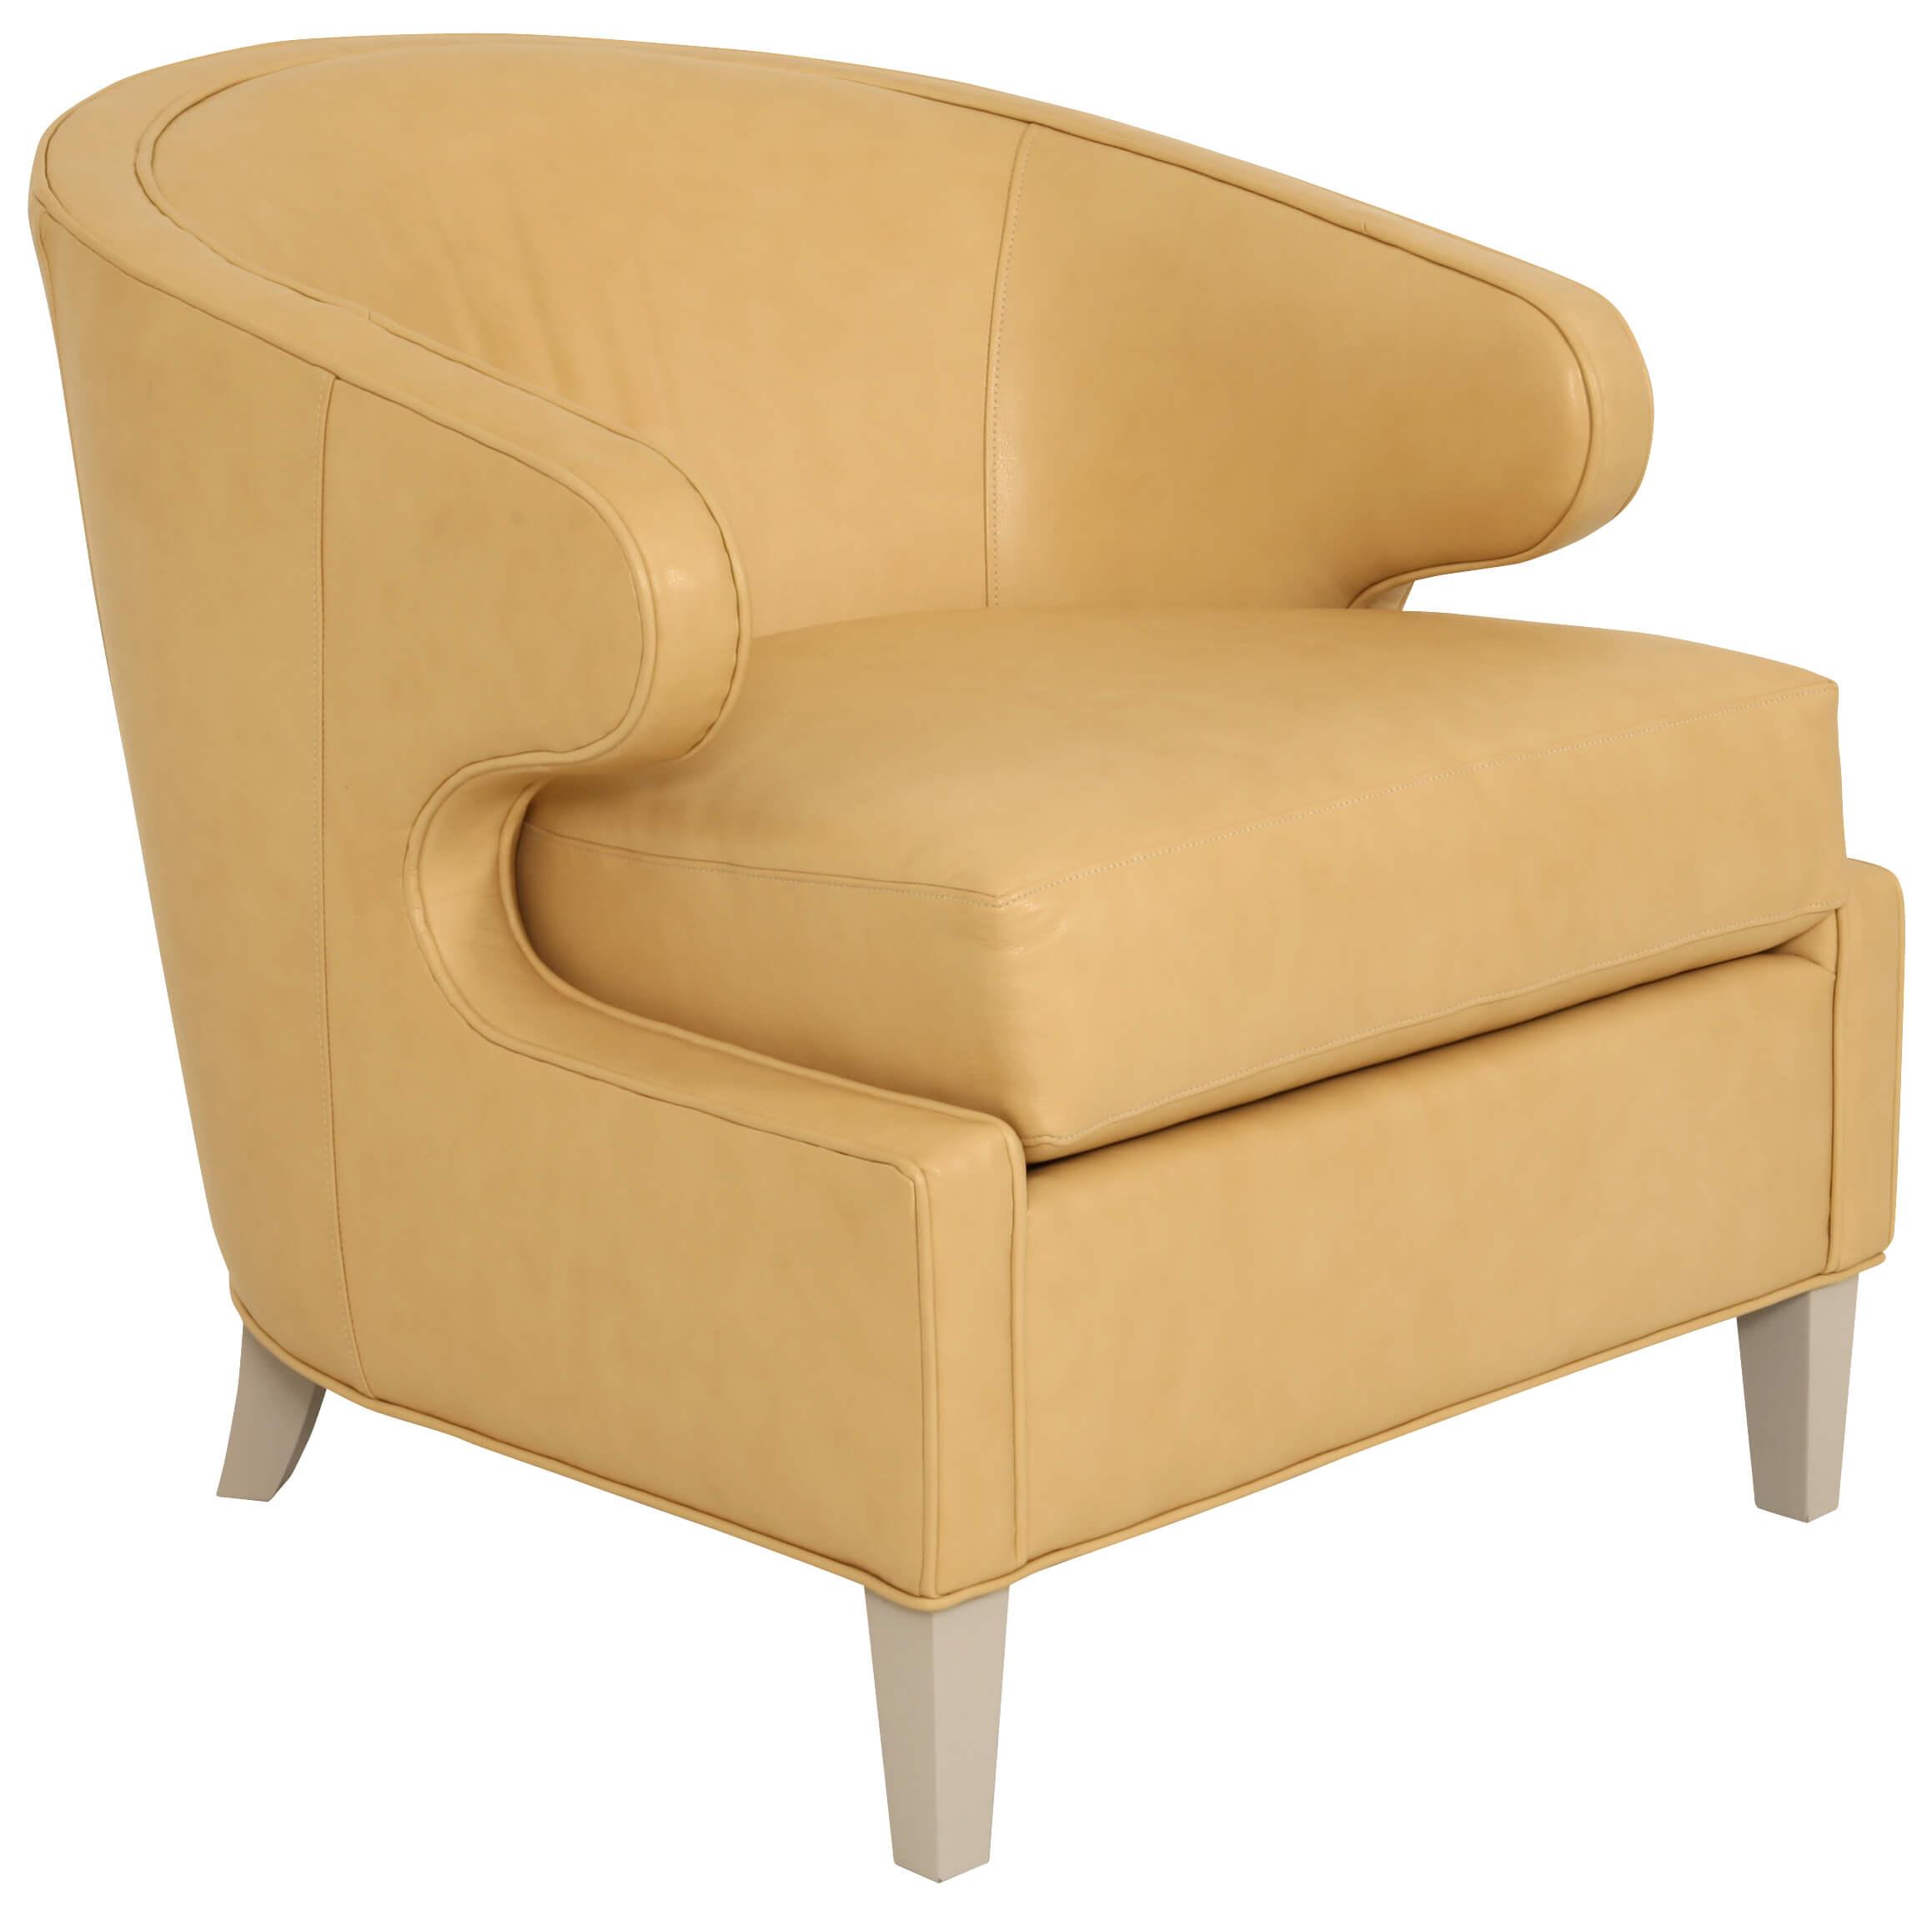 Janette 1235-30 Chair_Modern Luxury